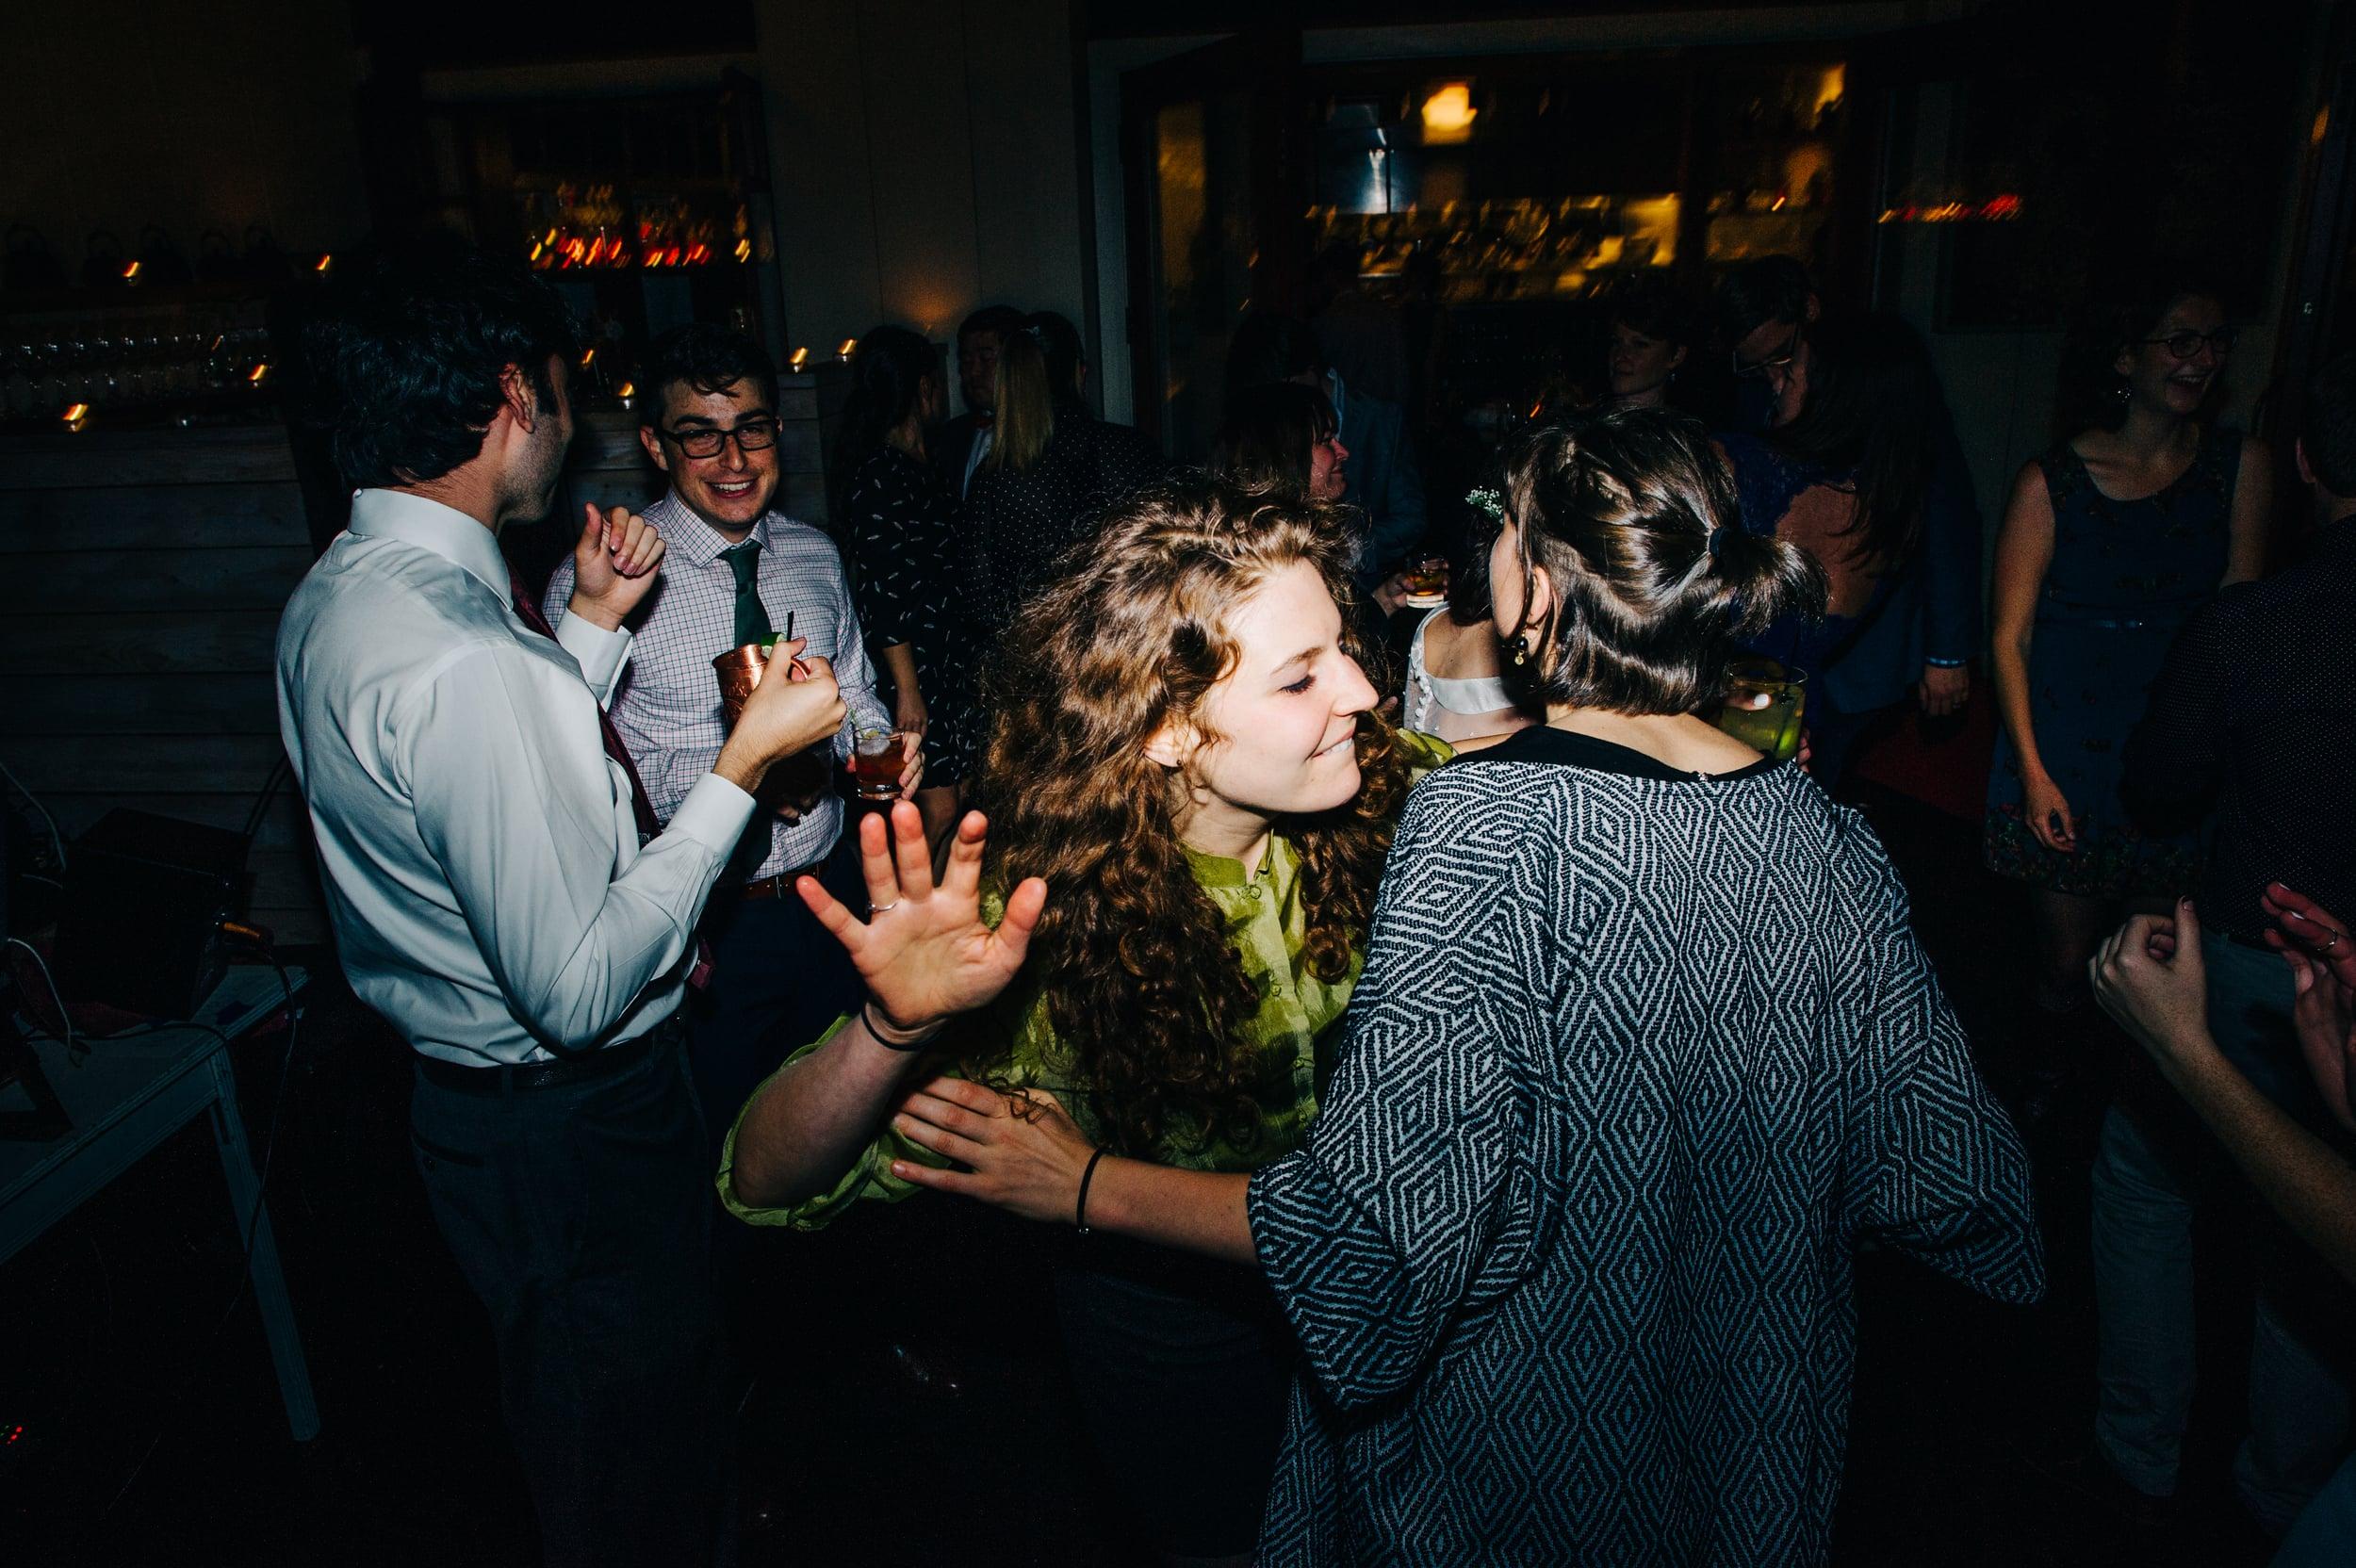 Dancing062.jpg